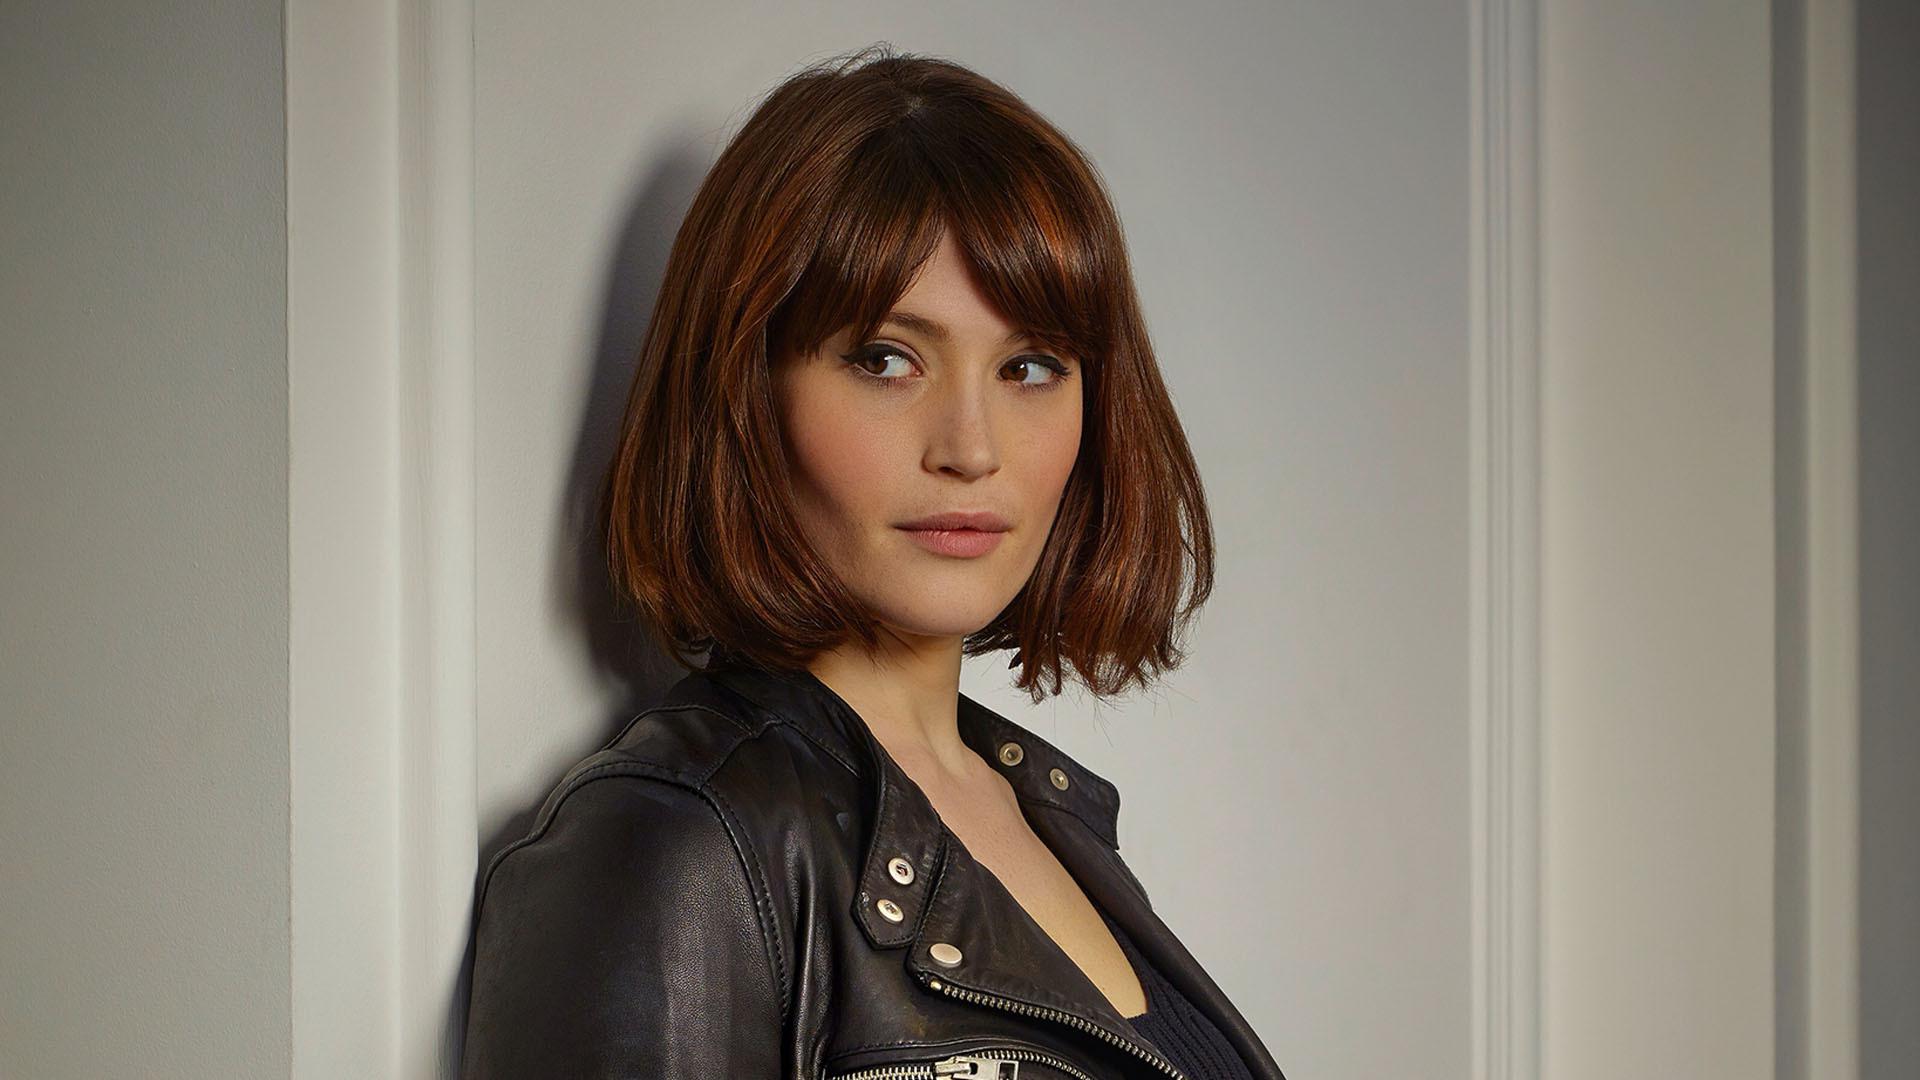 Gemma Arterton Widescreen